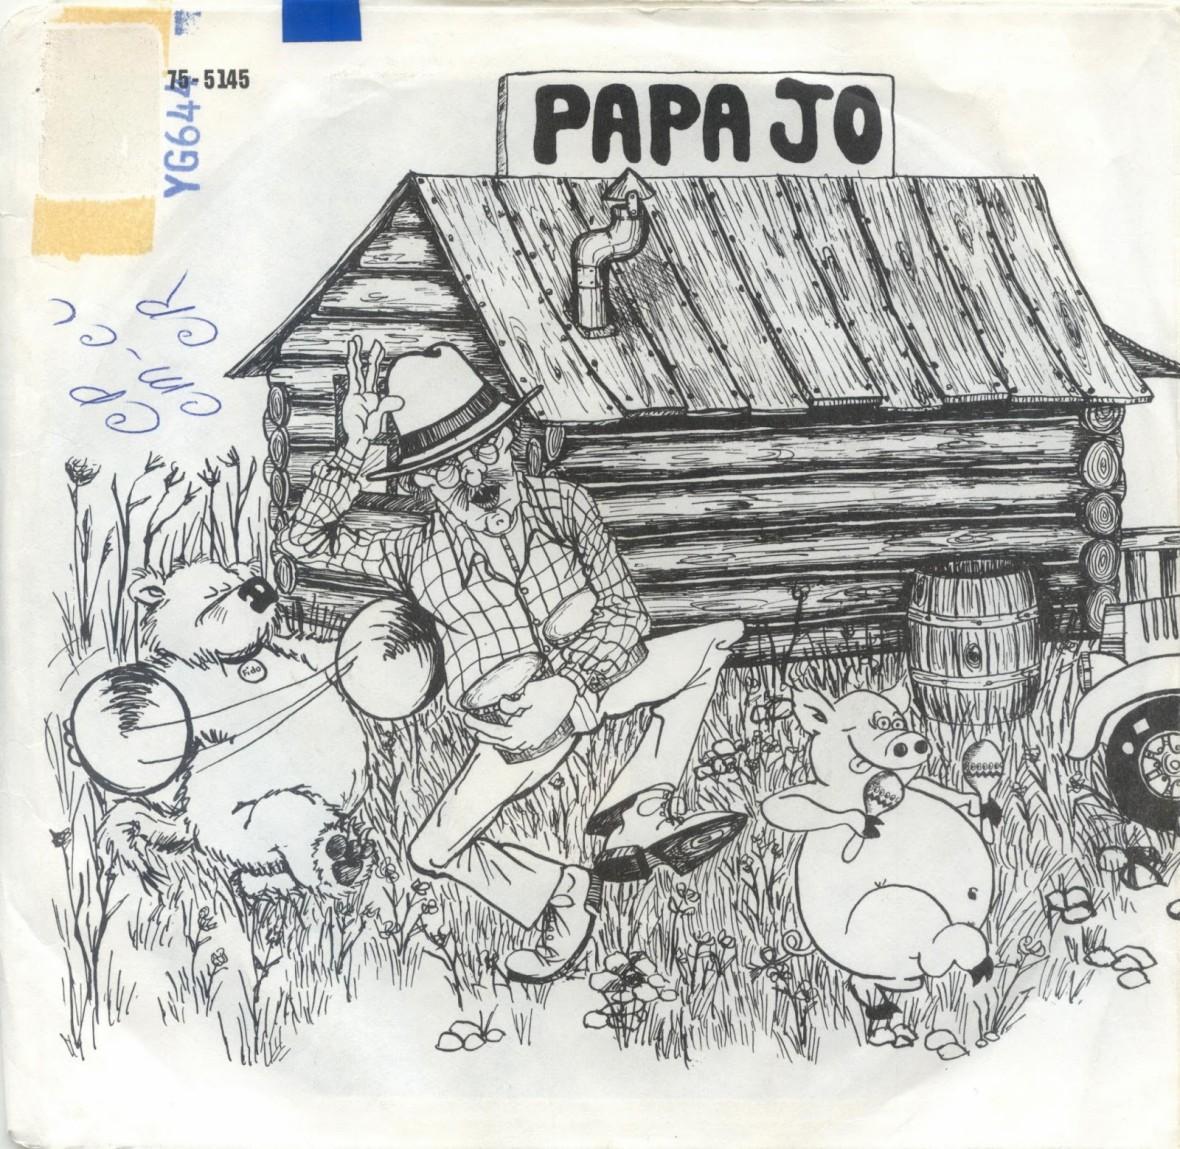 papajo